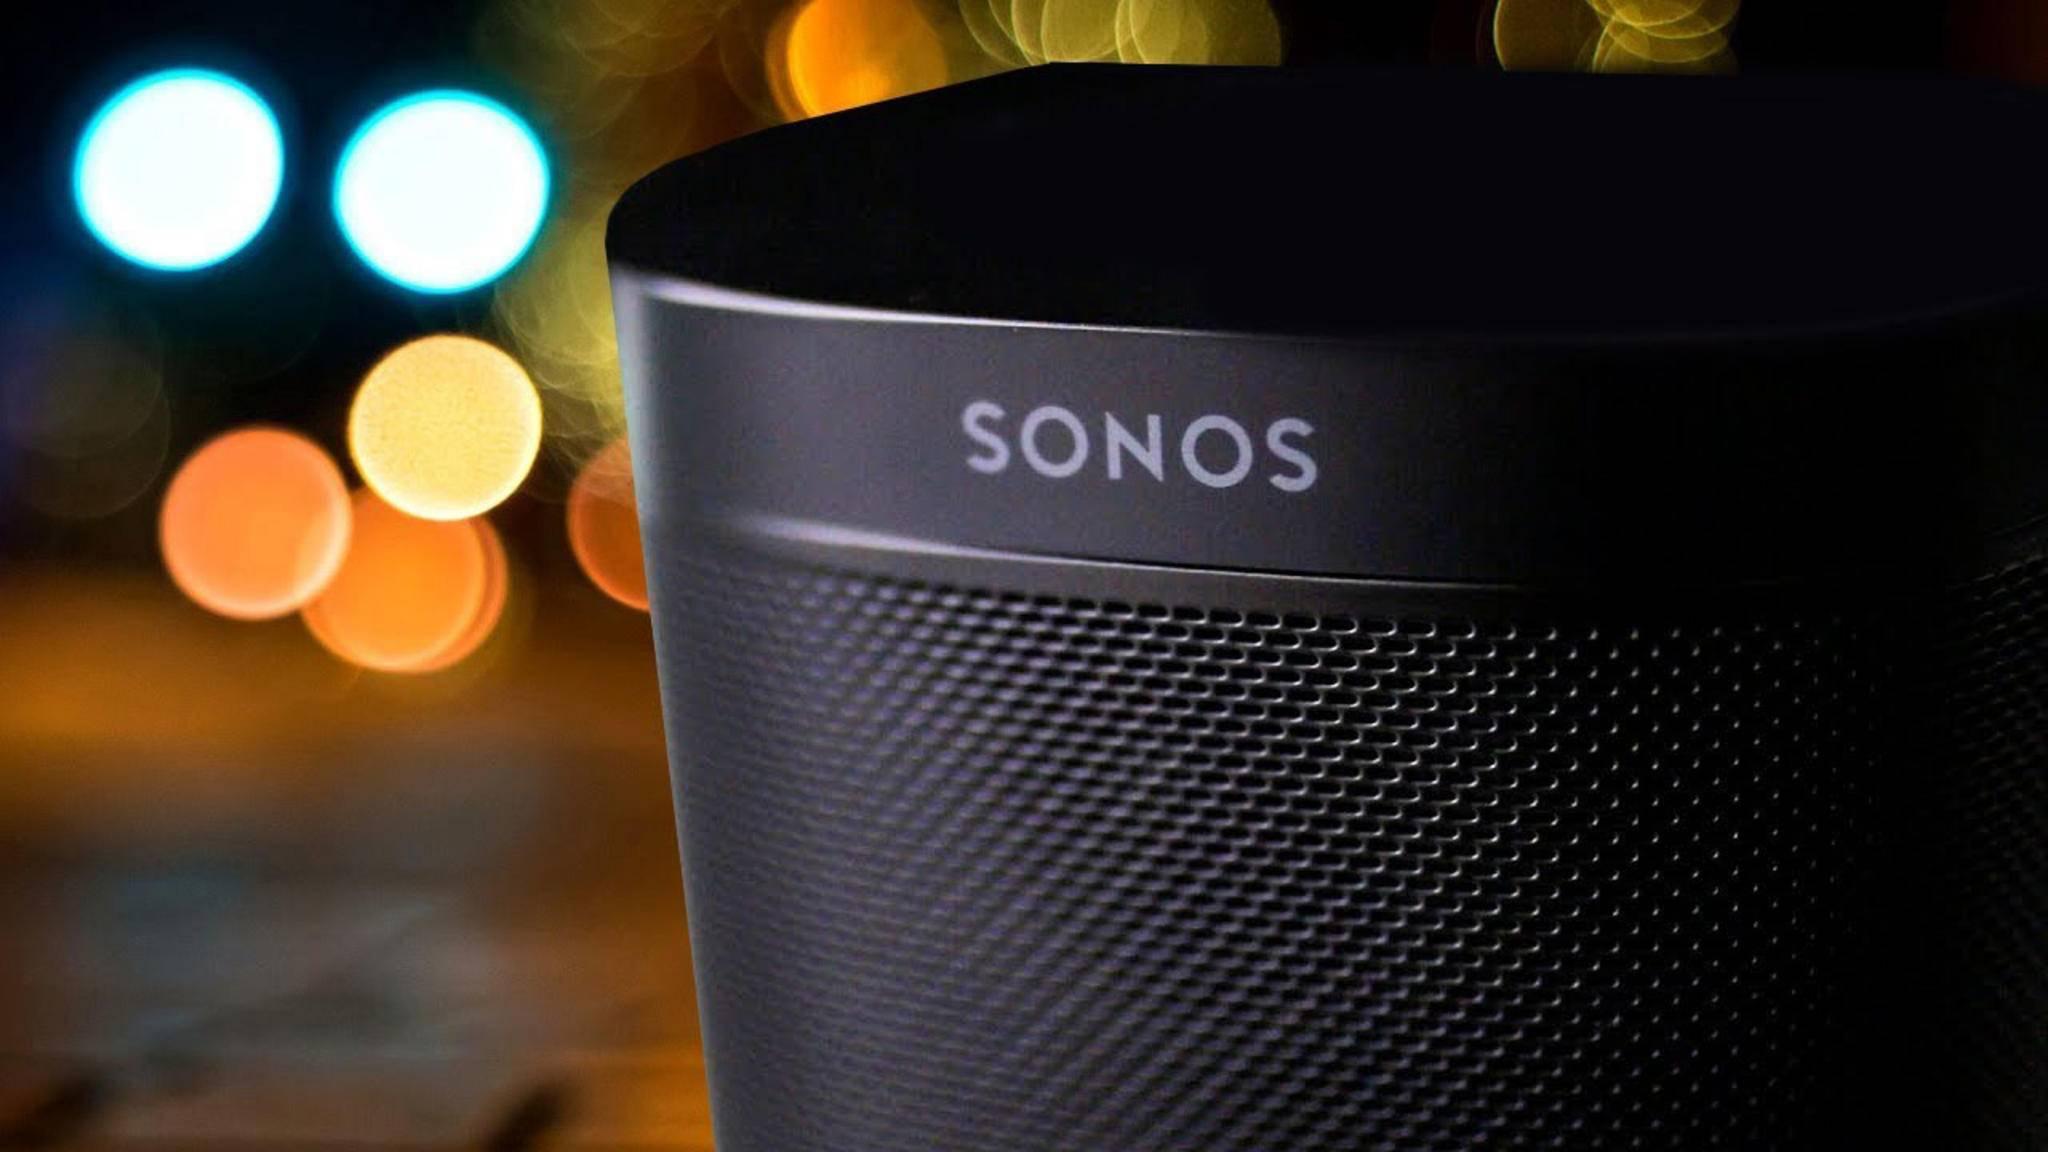 Für das Sonos-System gibt es zahlreiches Zubehör.